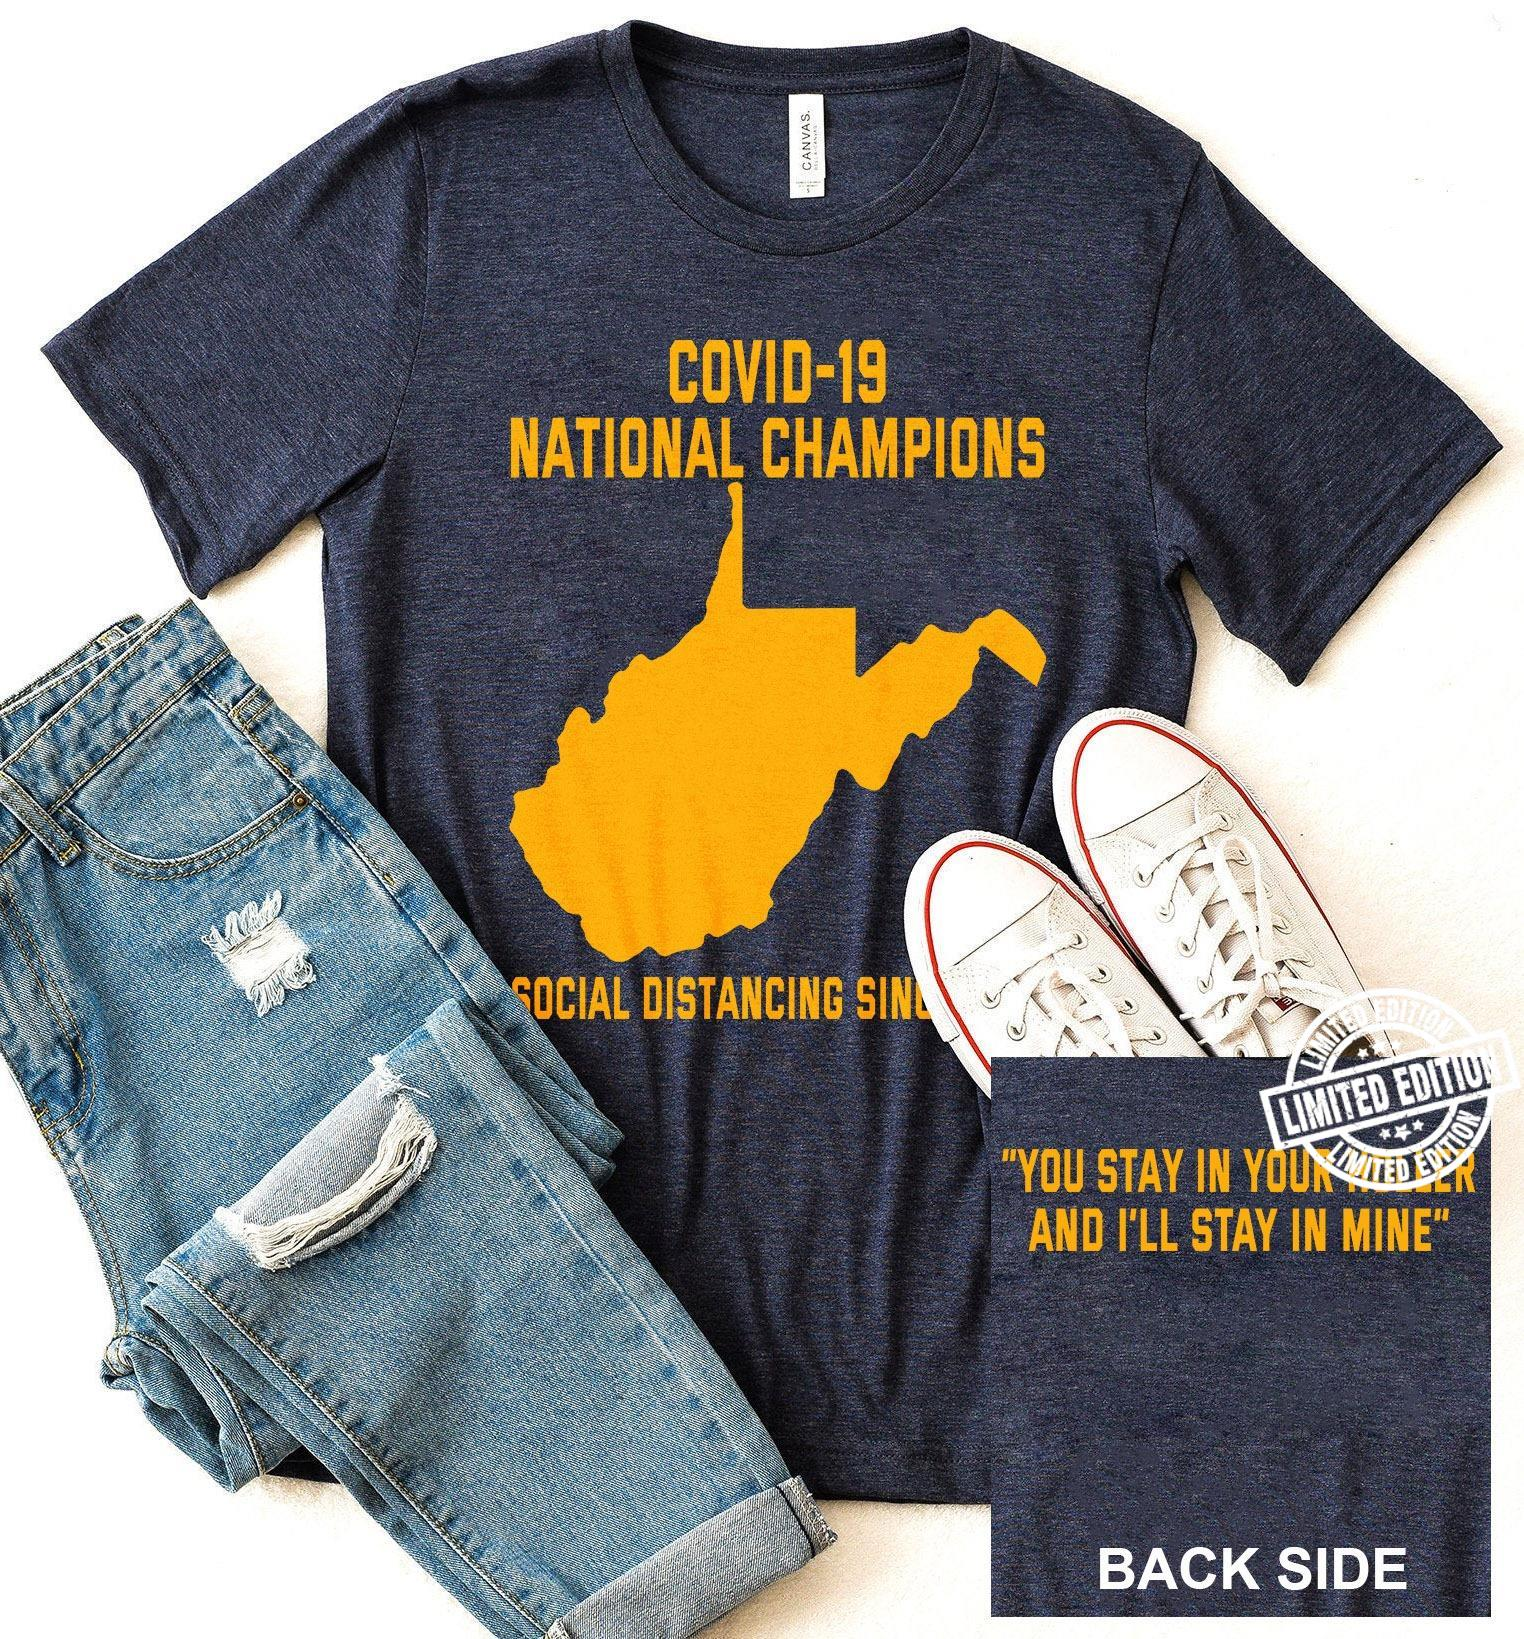 Covid-19 national champions social distancing shirt